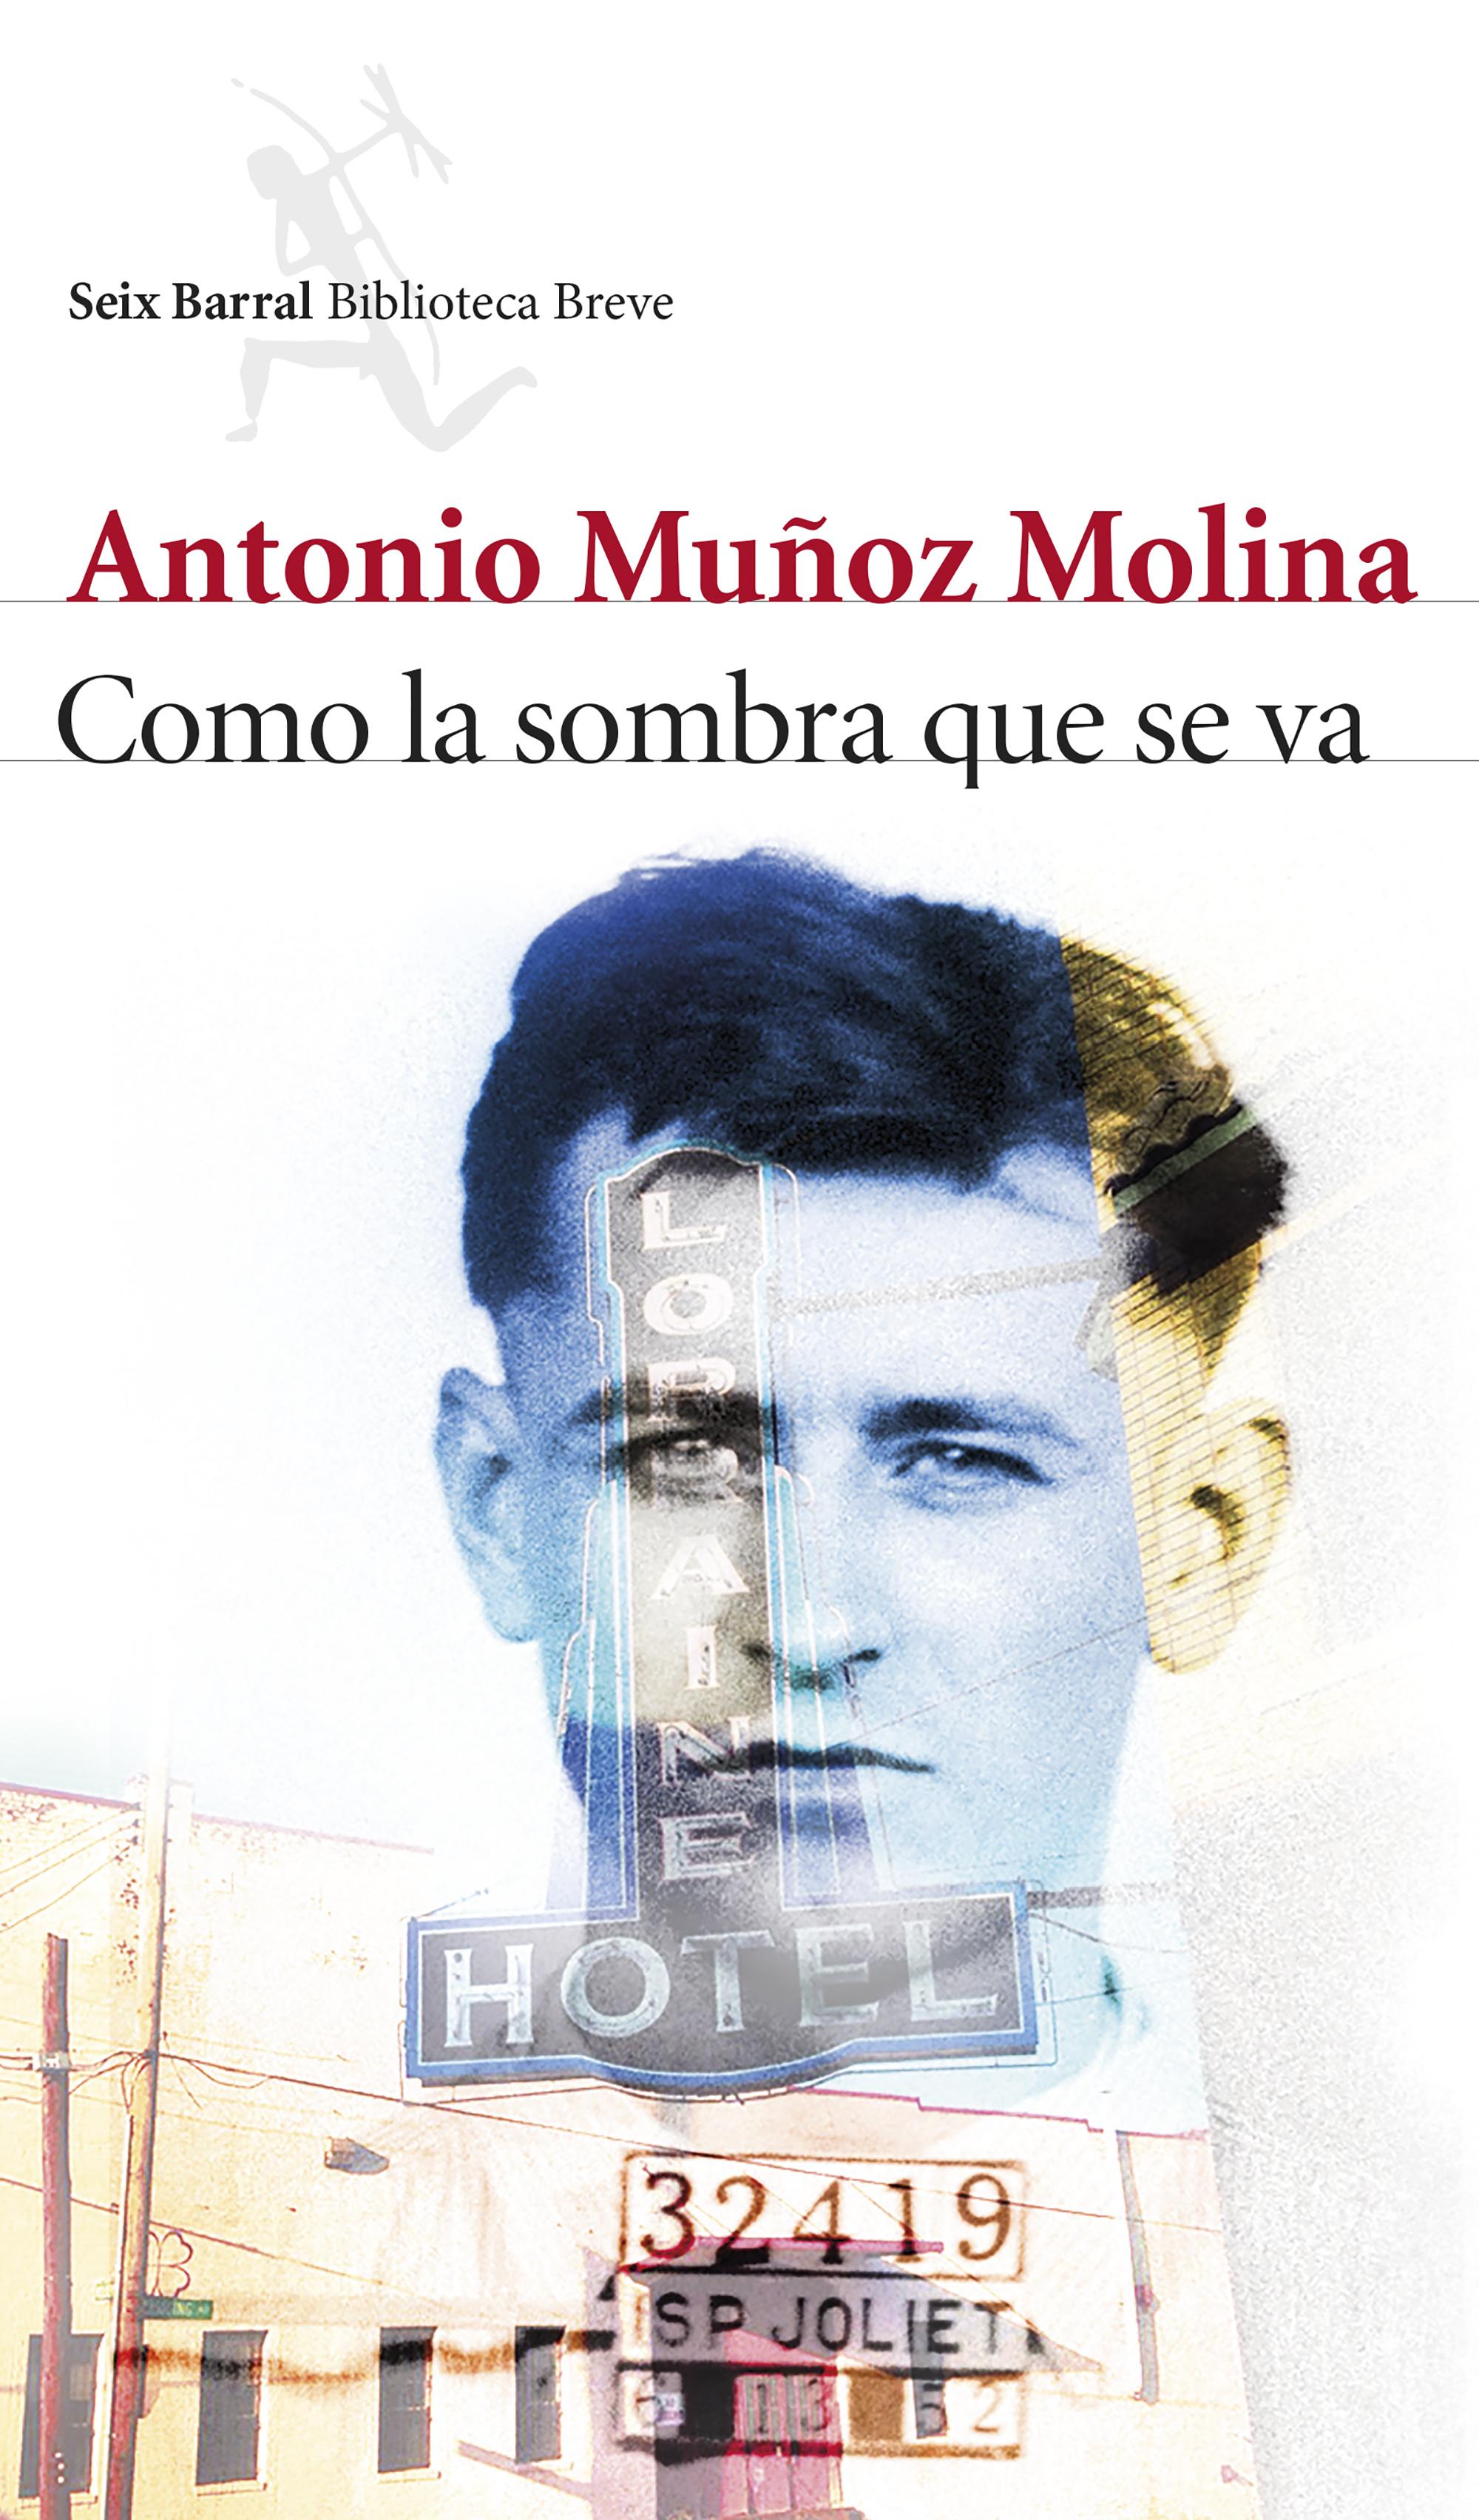 Novedad Noviembre: 'Como la sombra que se va' de Antonio Muñoz Molina